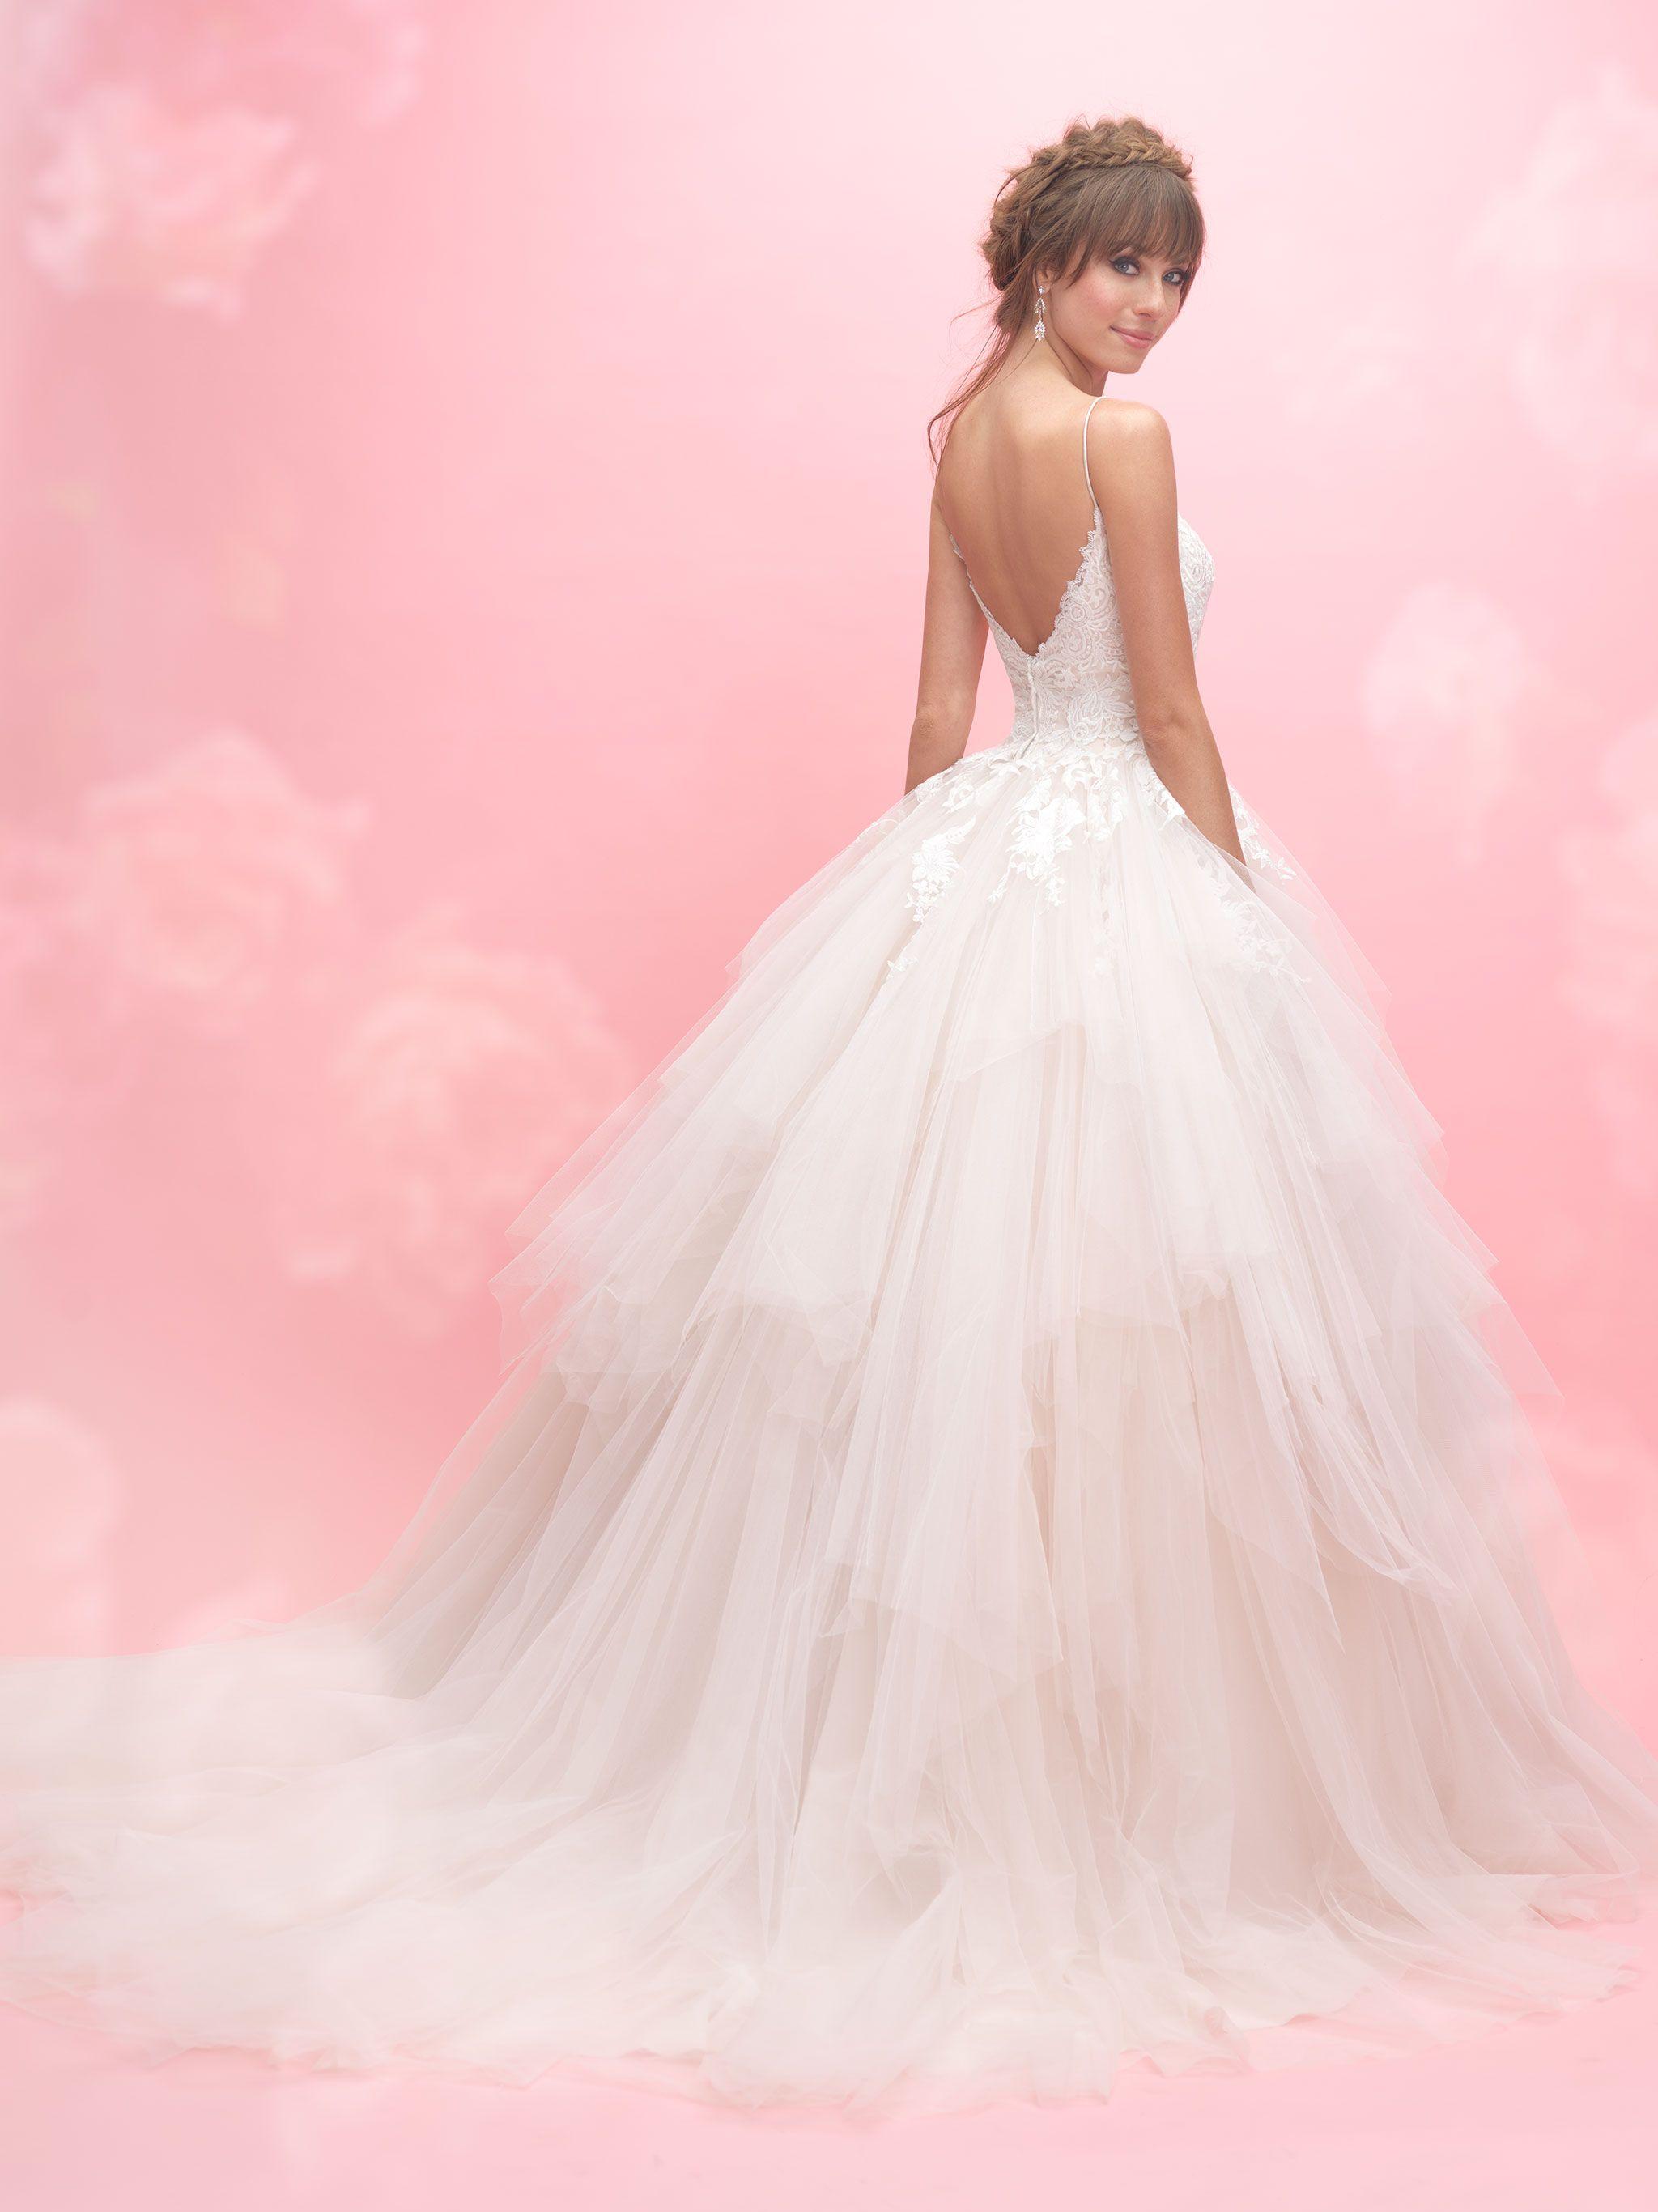 Allure Bridals - 3067 | Allure Bridals Dresses at Romashka Bridal ...